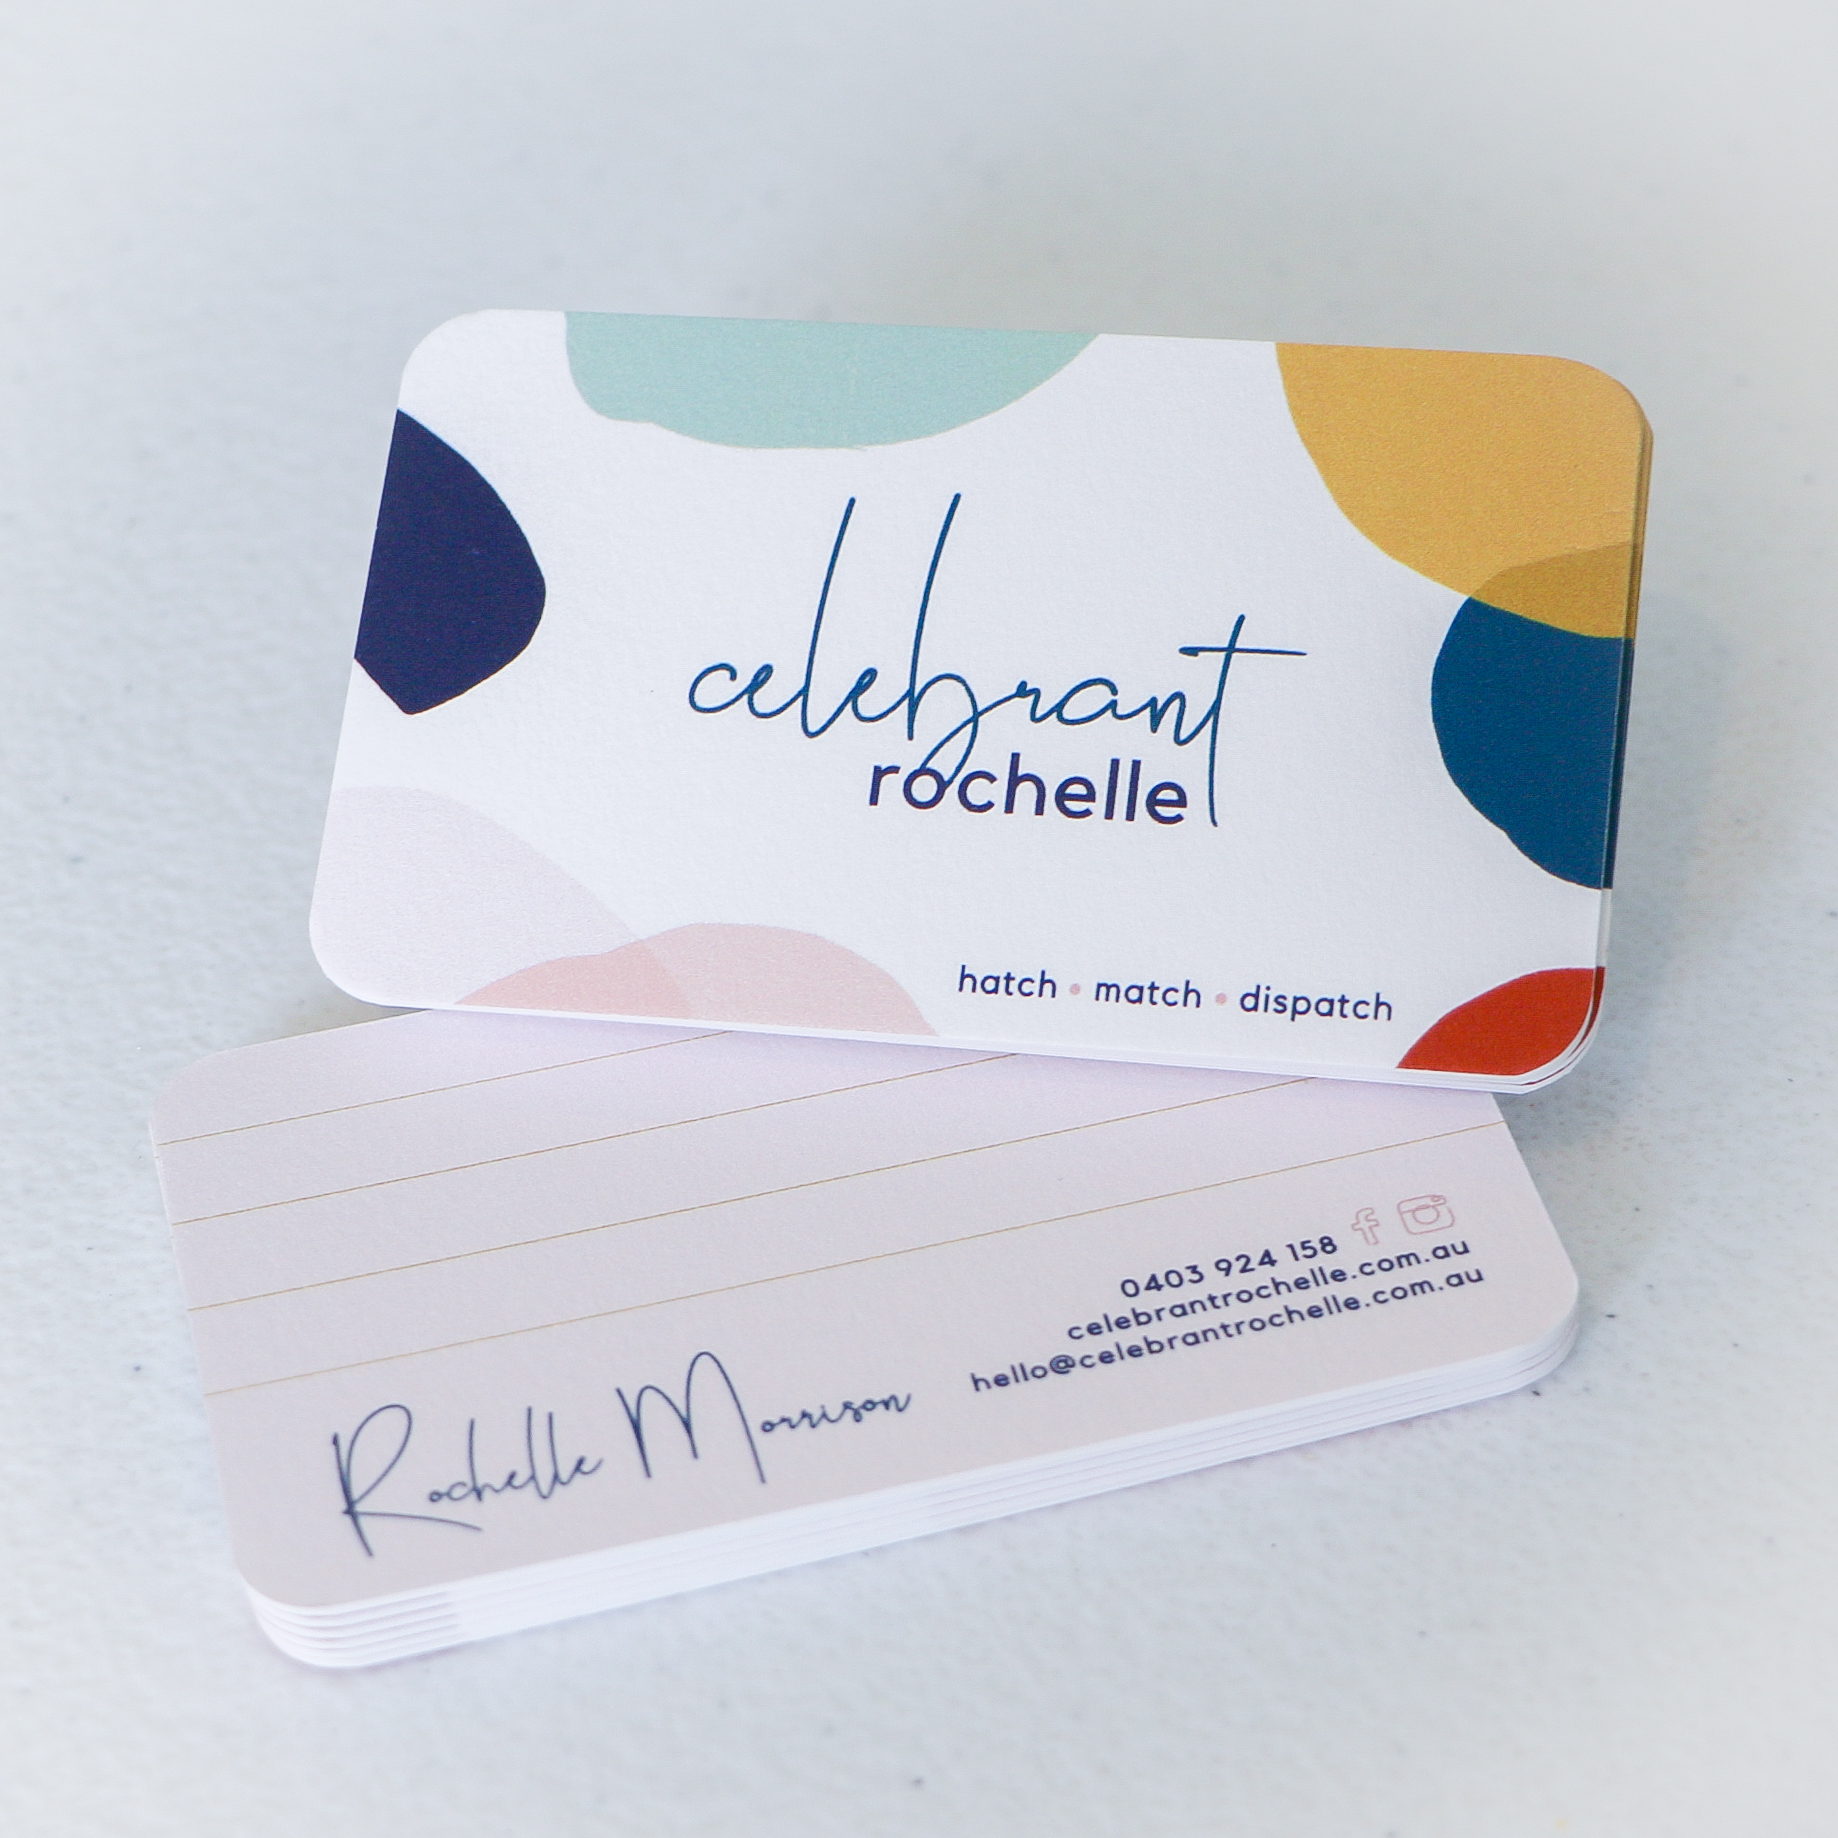 CBR Business Card_lmmdesigns.net